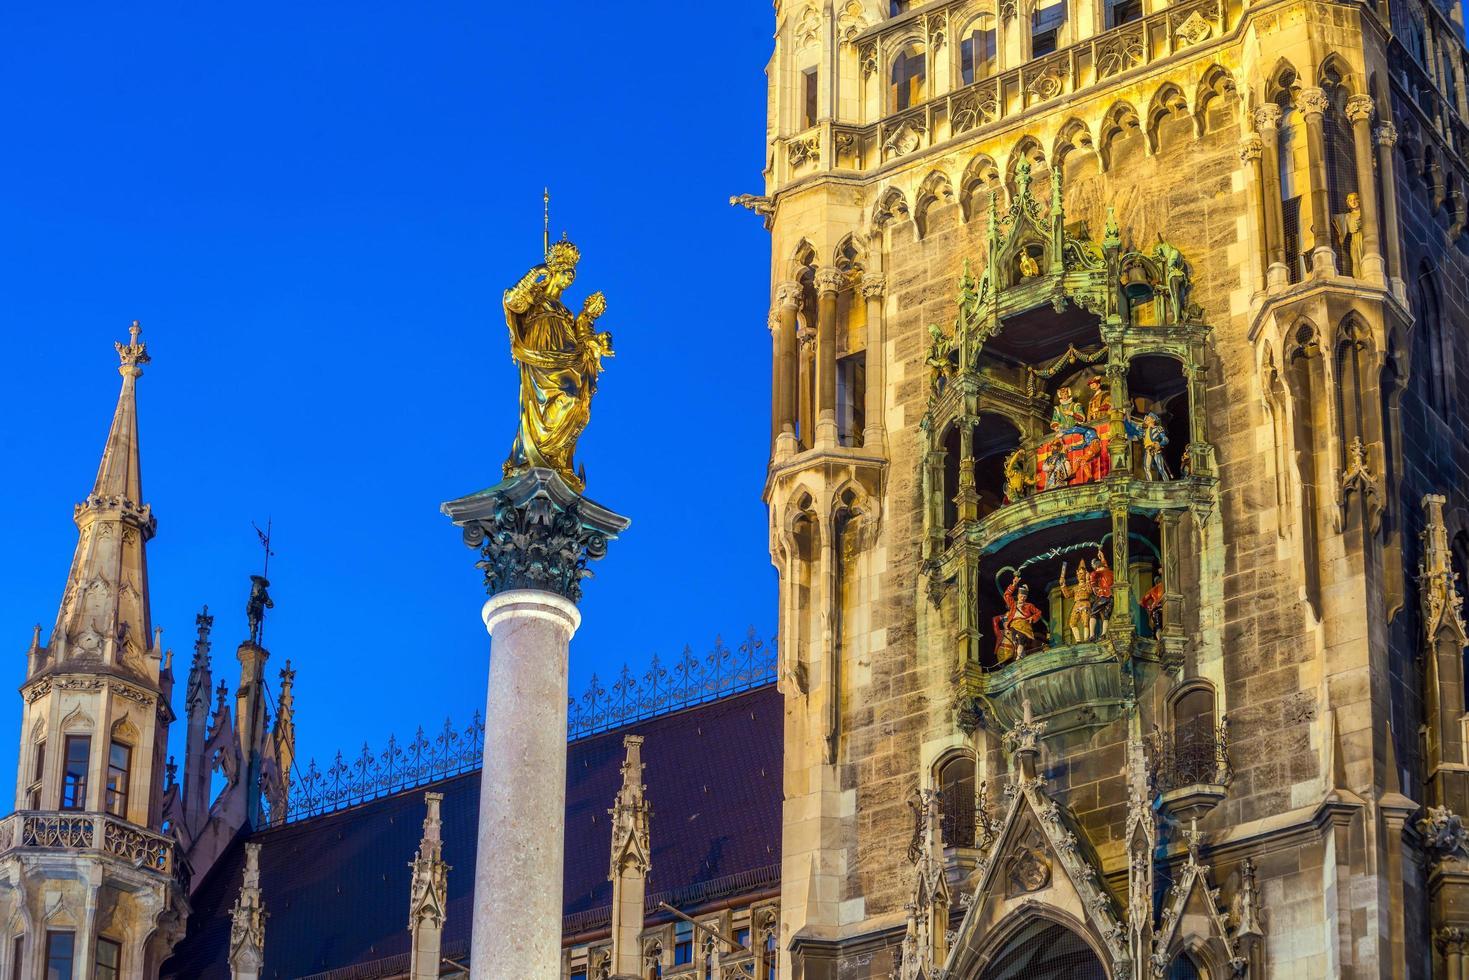 clocher de la colonne de la paix photo